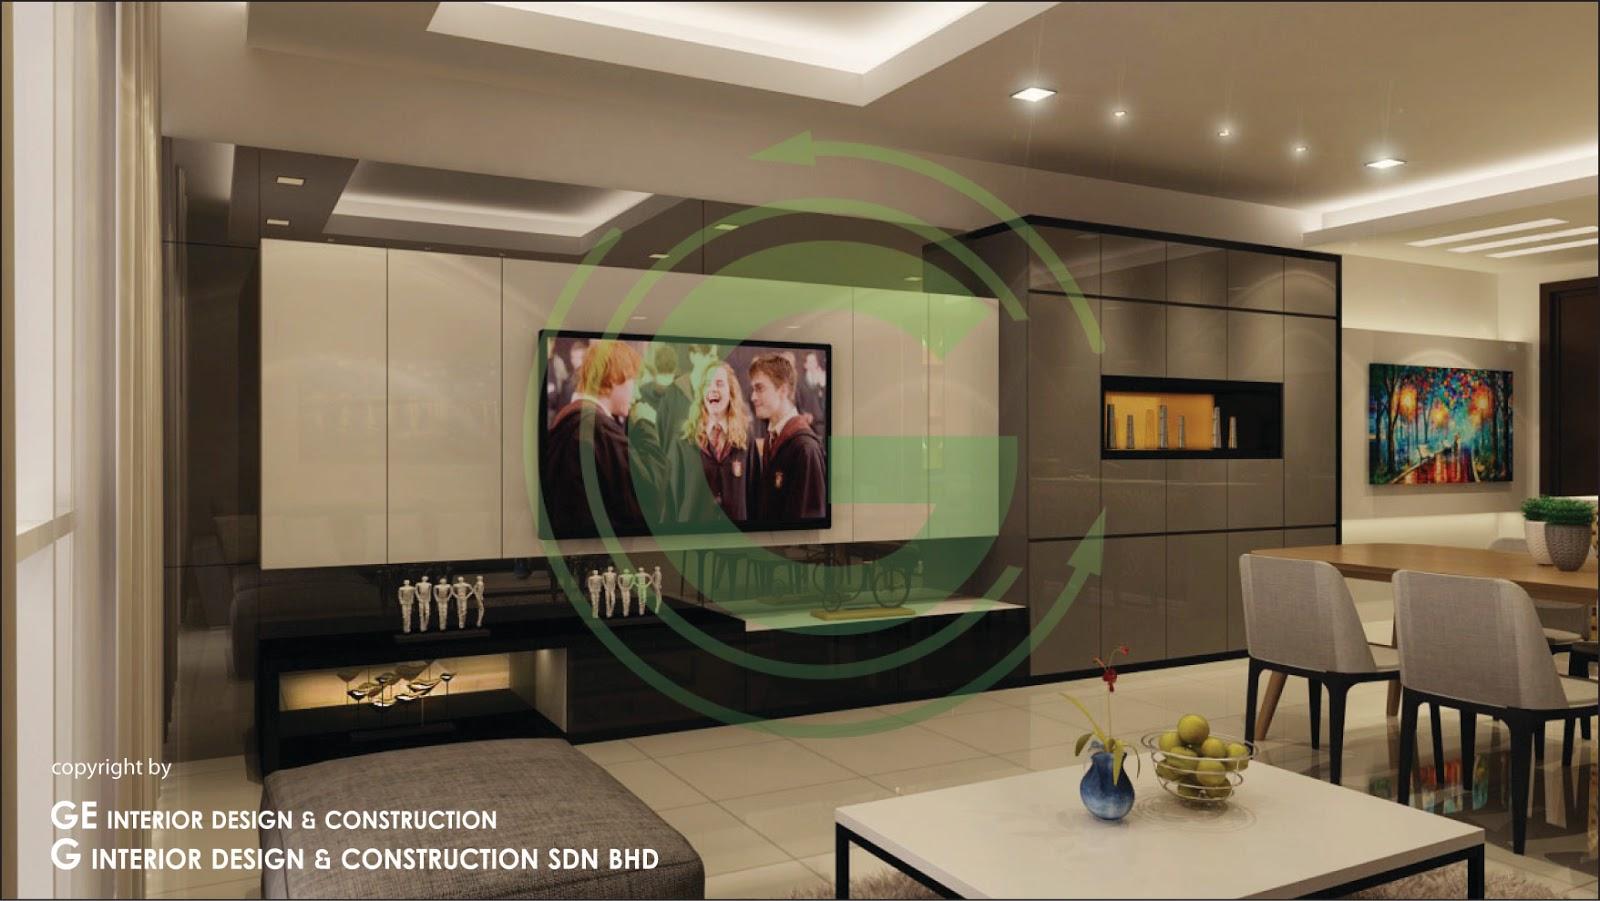 Seringin residency kl 3d view for Living hall